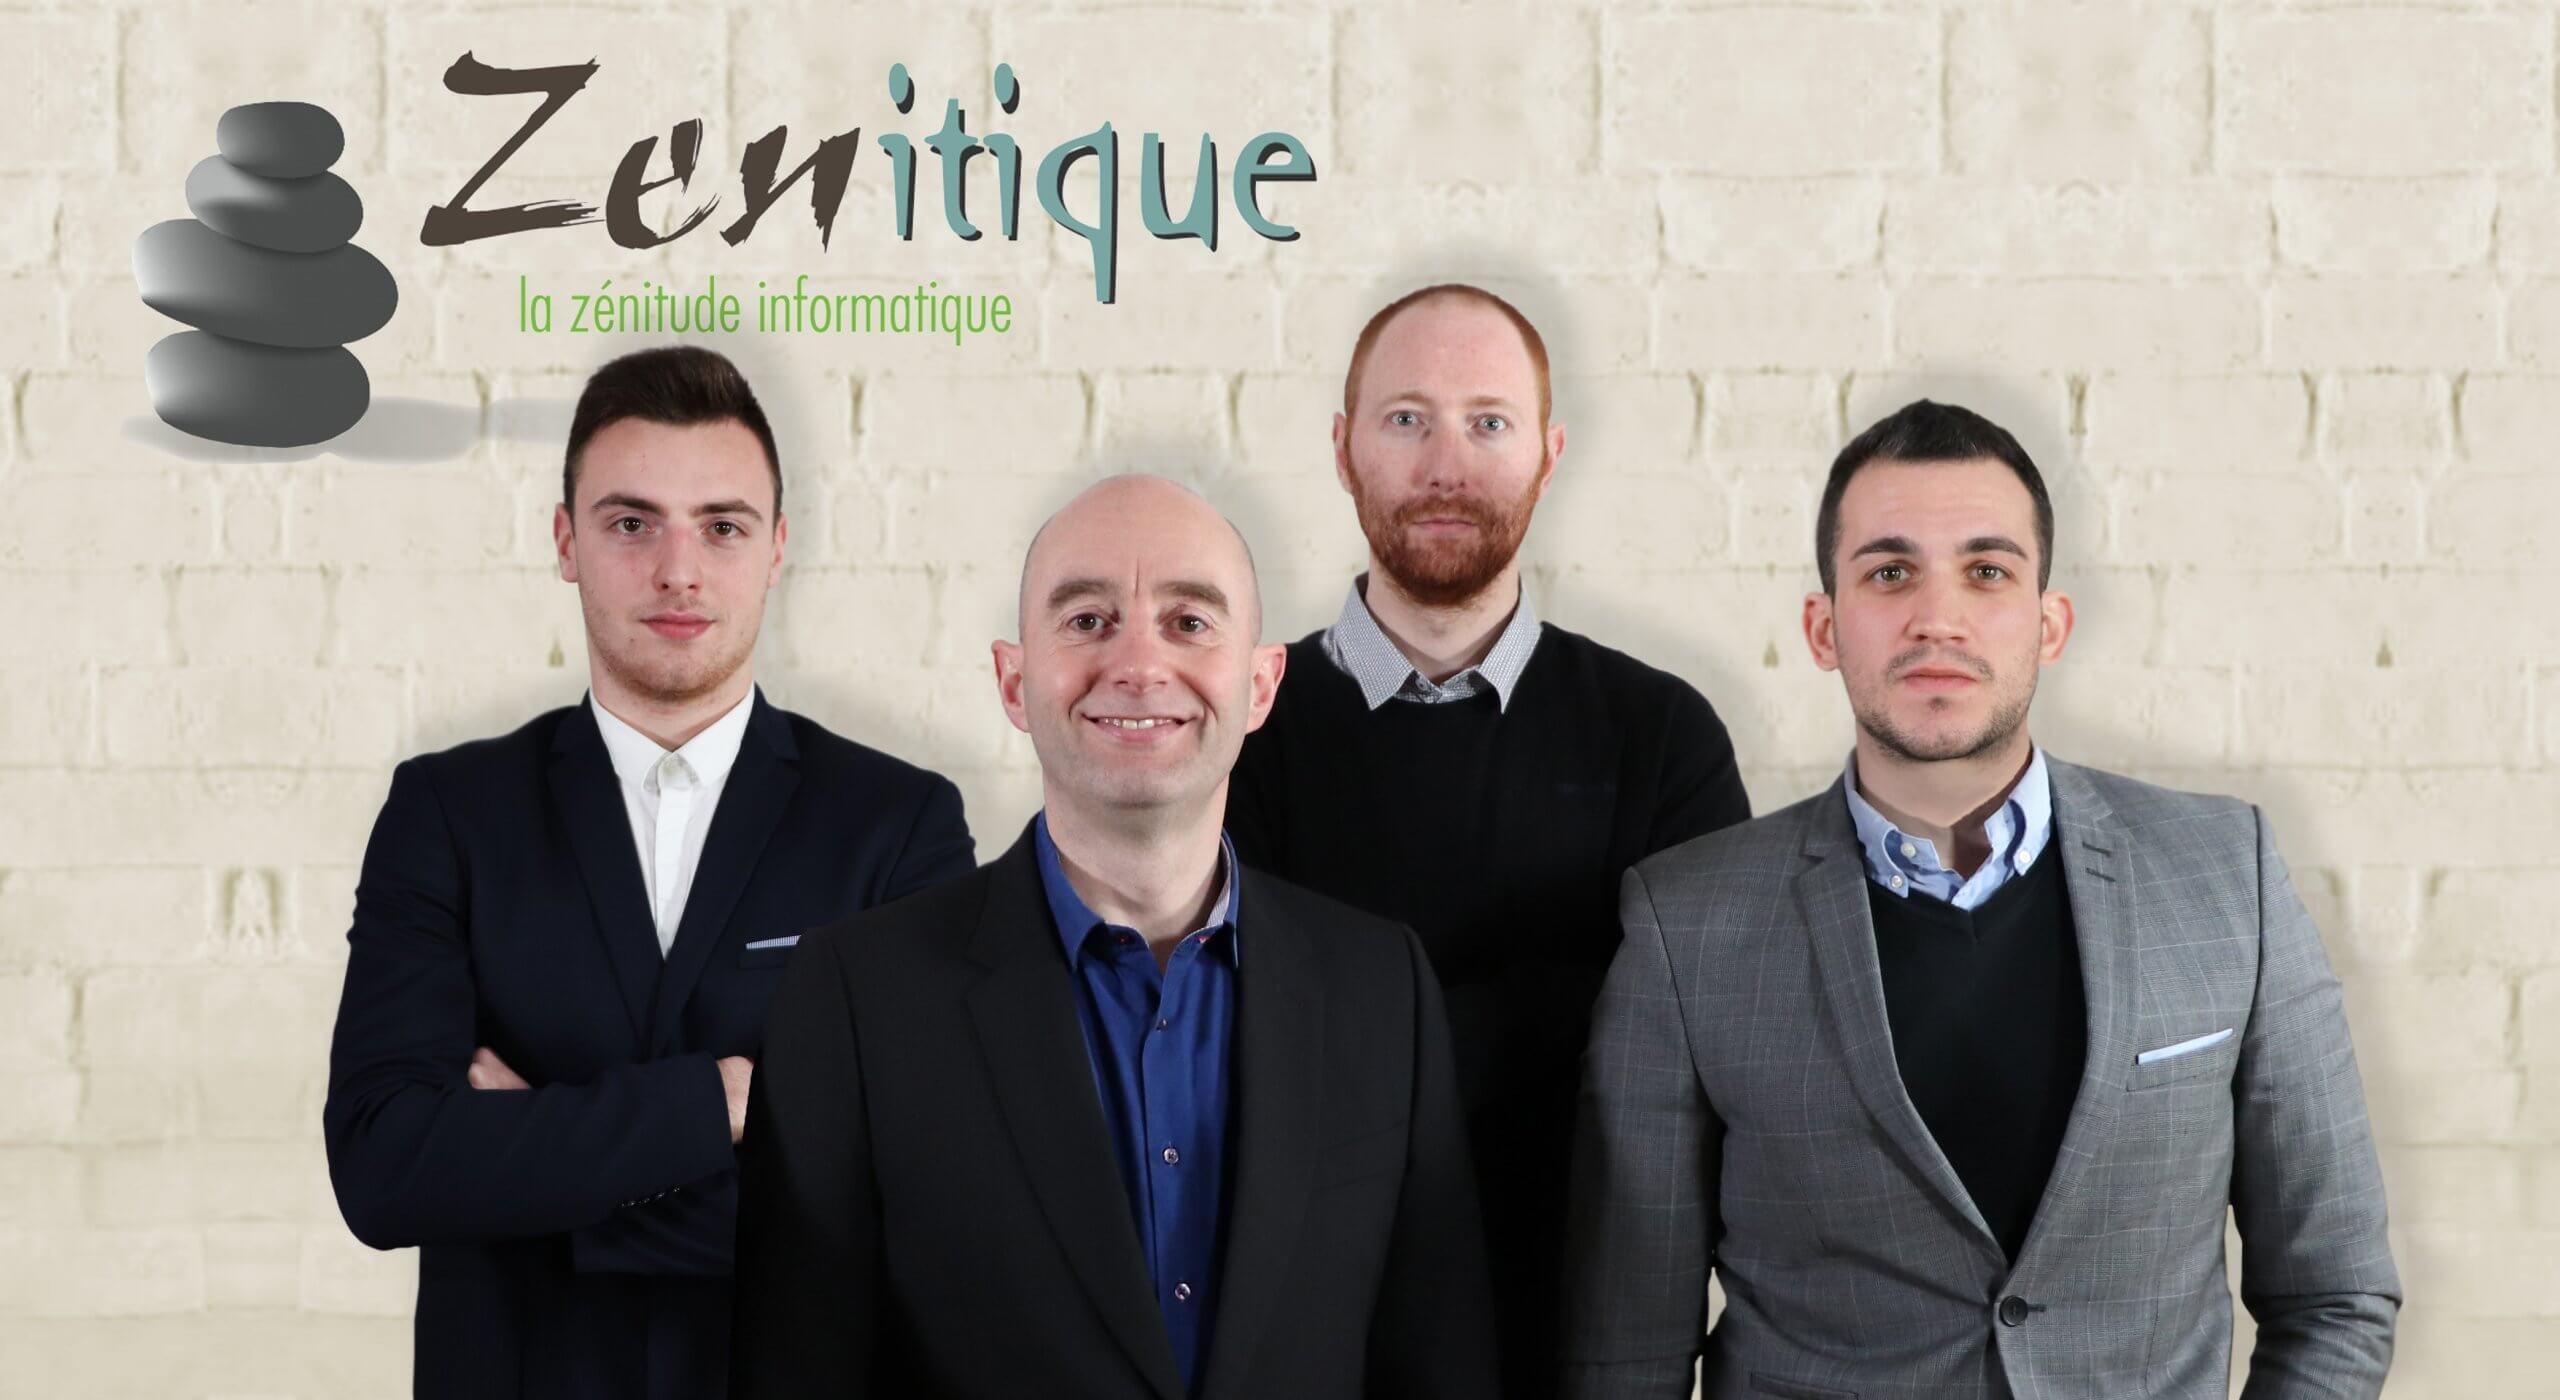 ZENITIQUE Equipe-Zenitique-2020-scaled Accueil